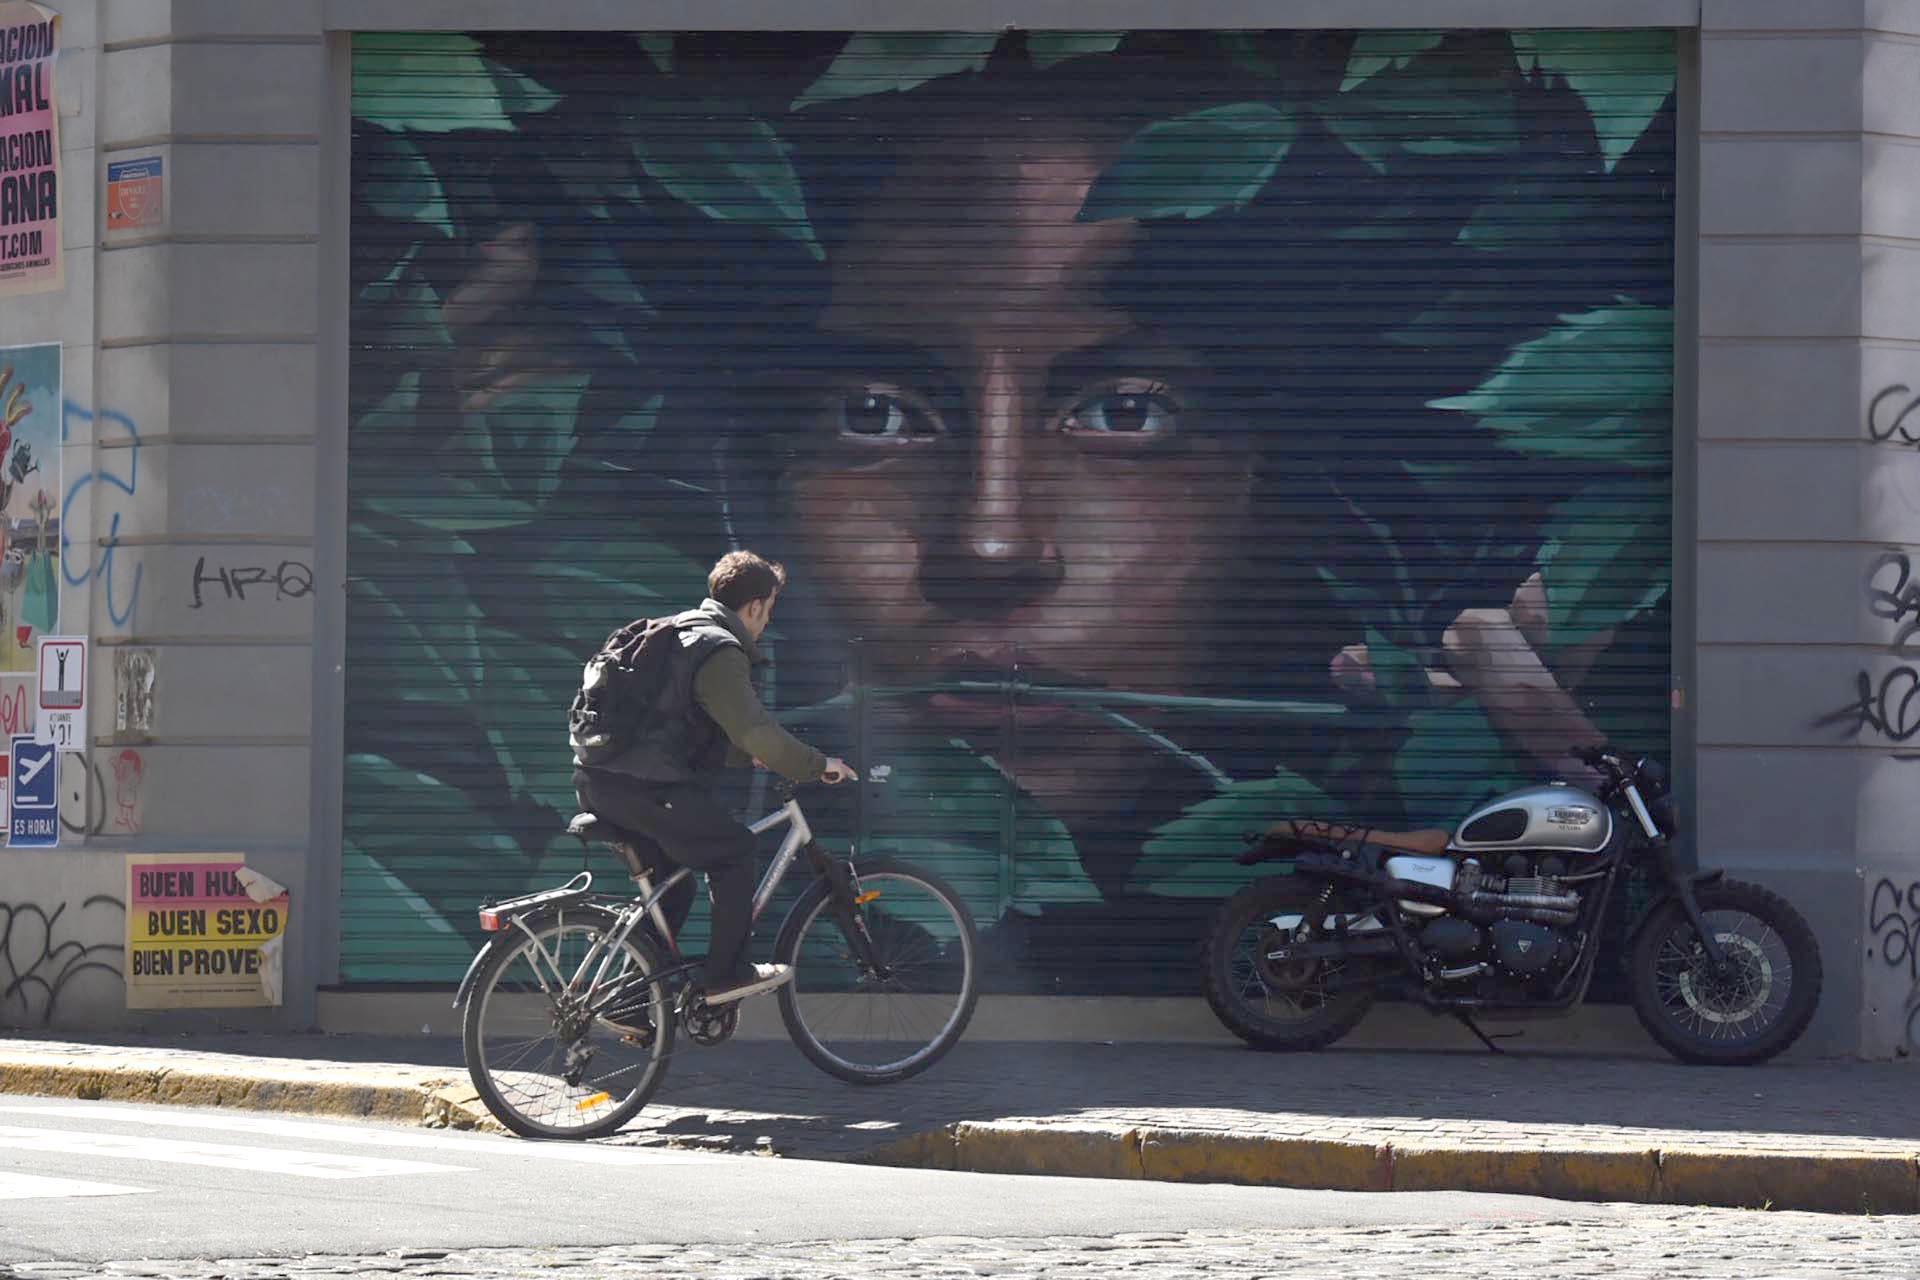 Todas las calles de Palermo tienen en sus paredes y persianas dibujos, murales, graffitis y afiches de artistas plásticos y callejeros con frases inspiradoras y dibujos que revolucionan en las redes sociales por la originalidad